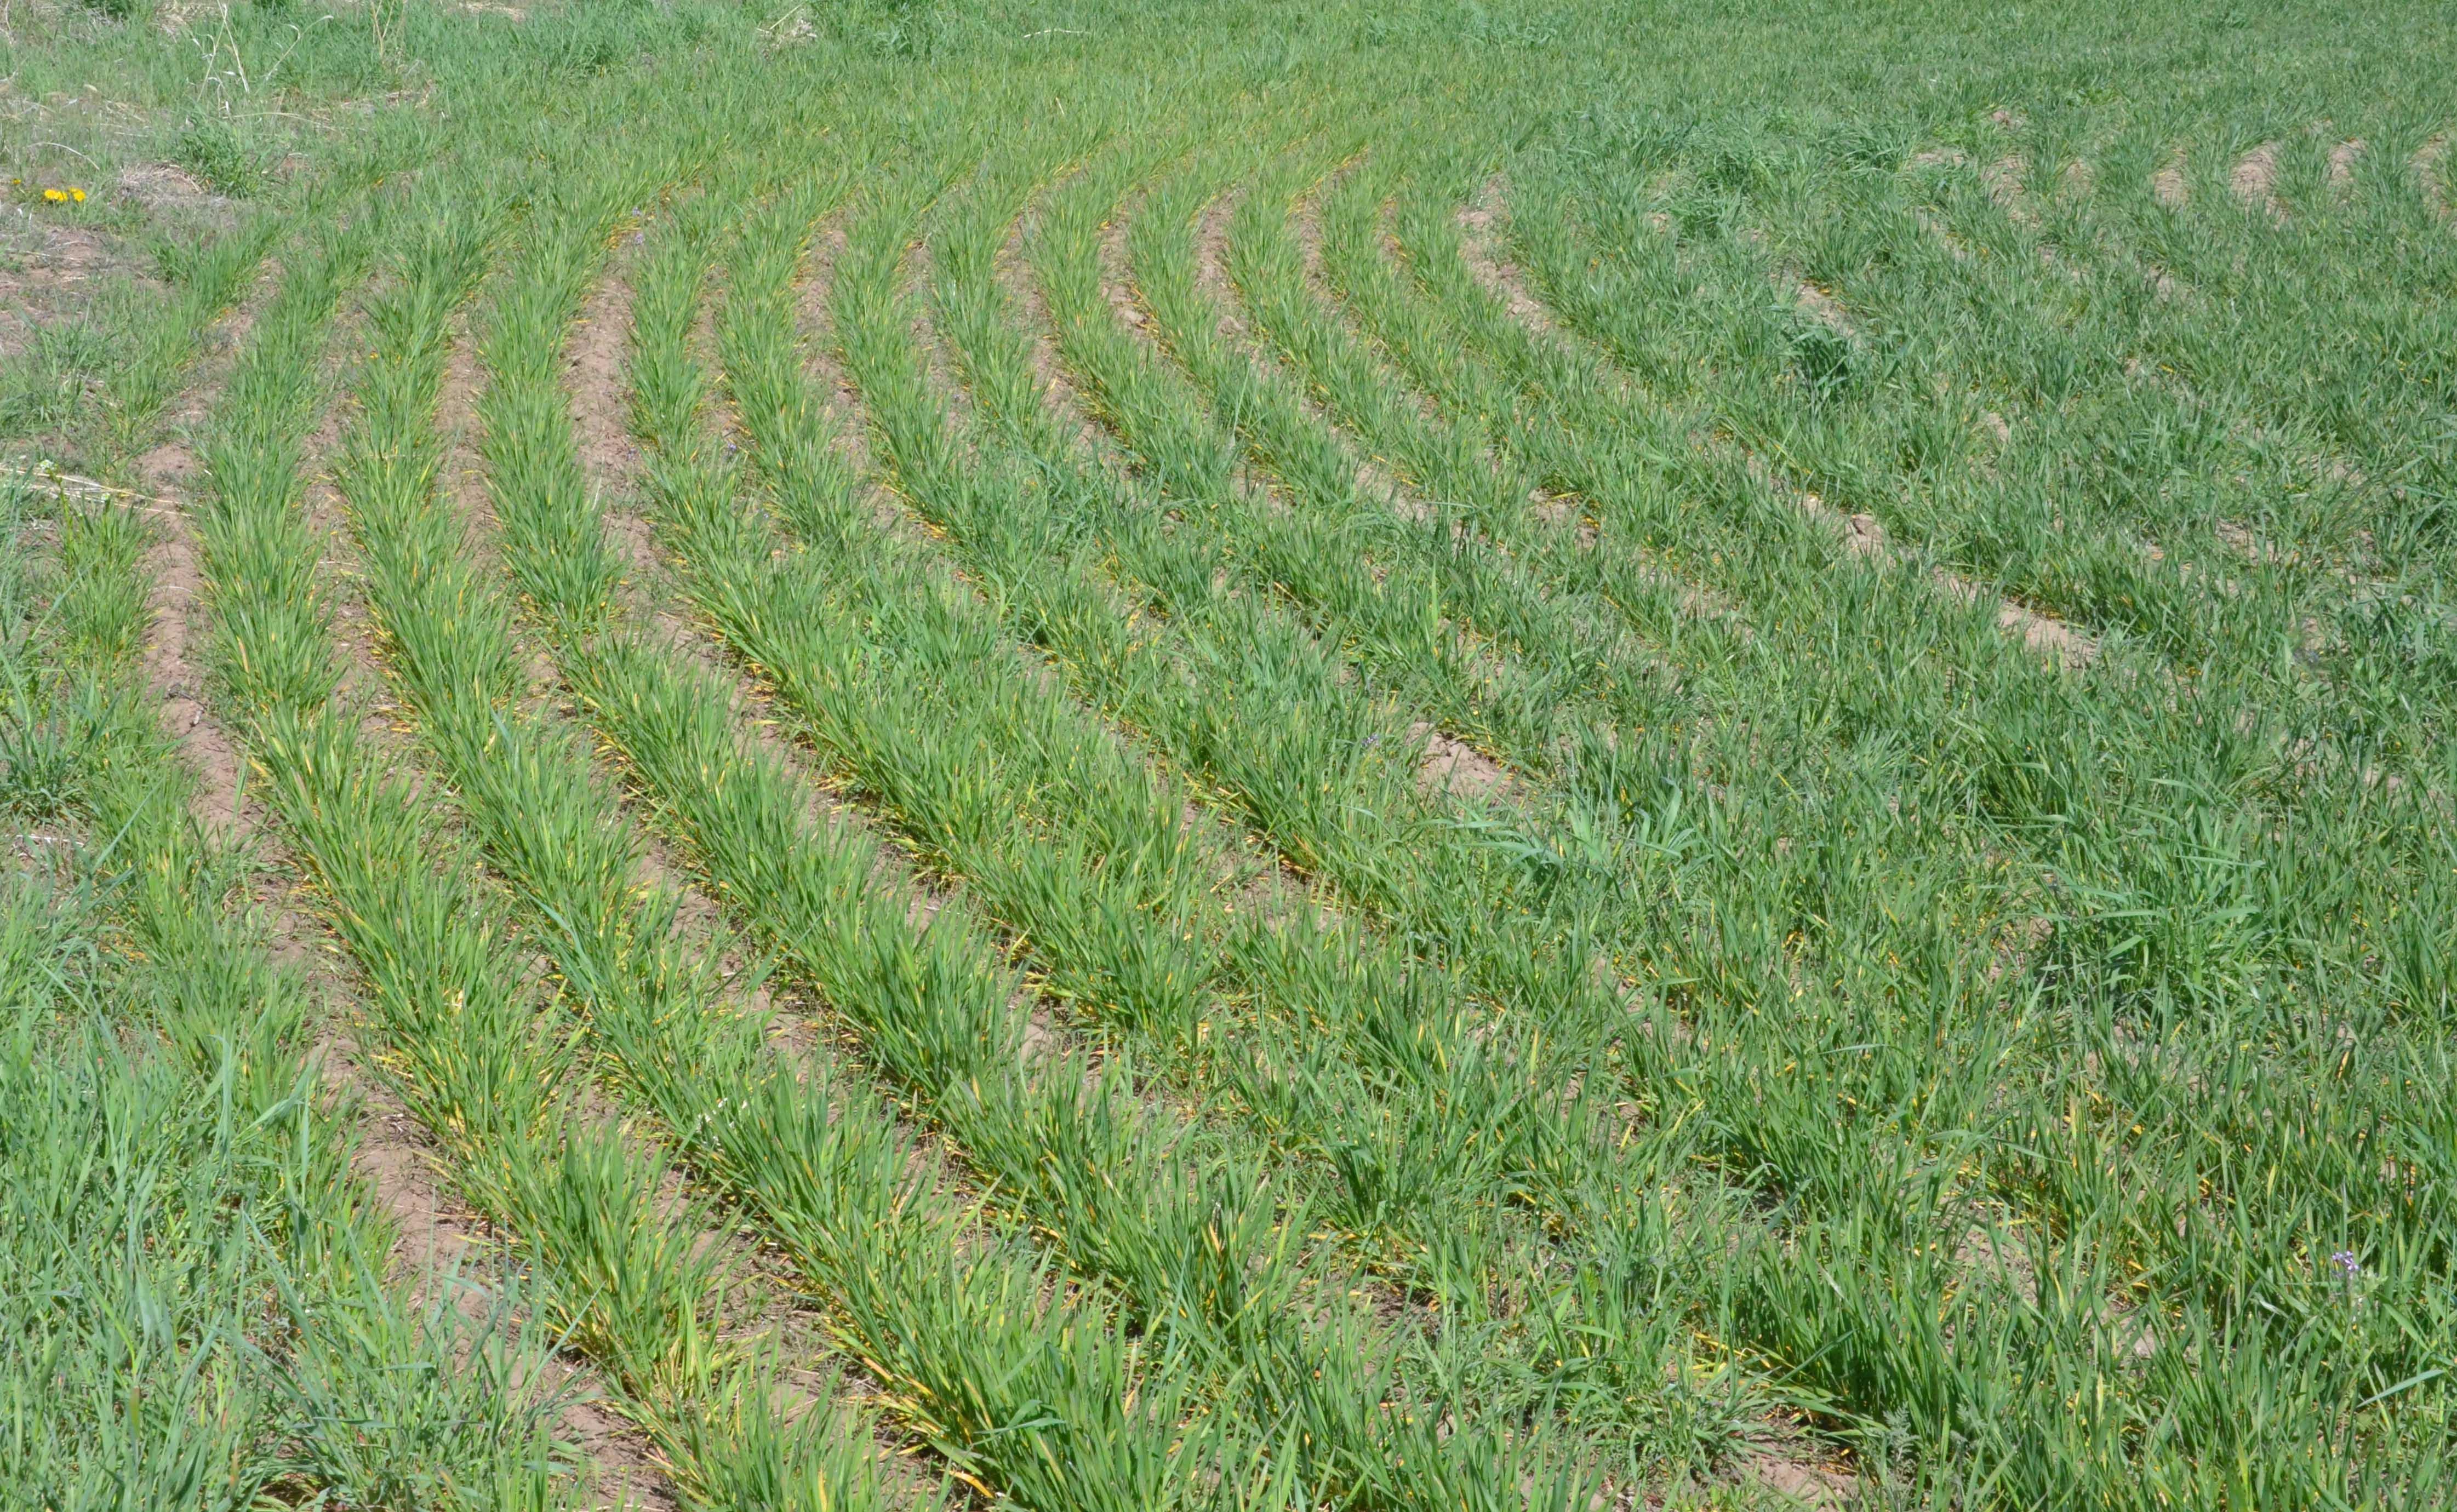 Wheat field (in April) showing symptoms of wheat streak mosaic